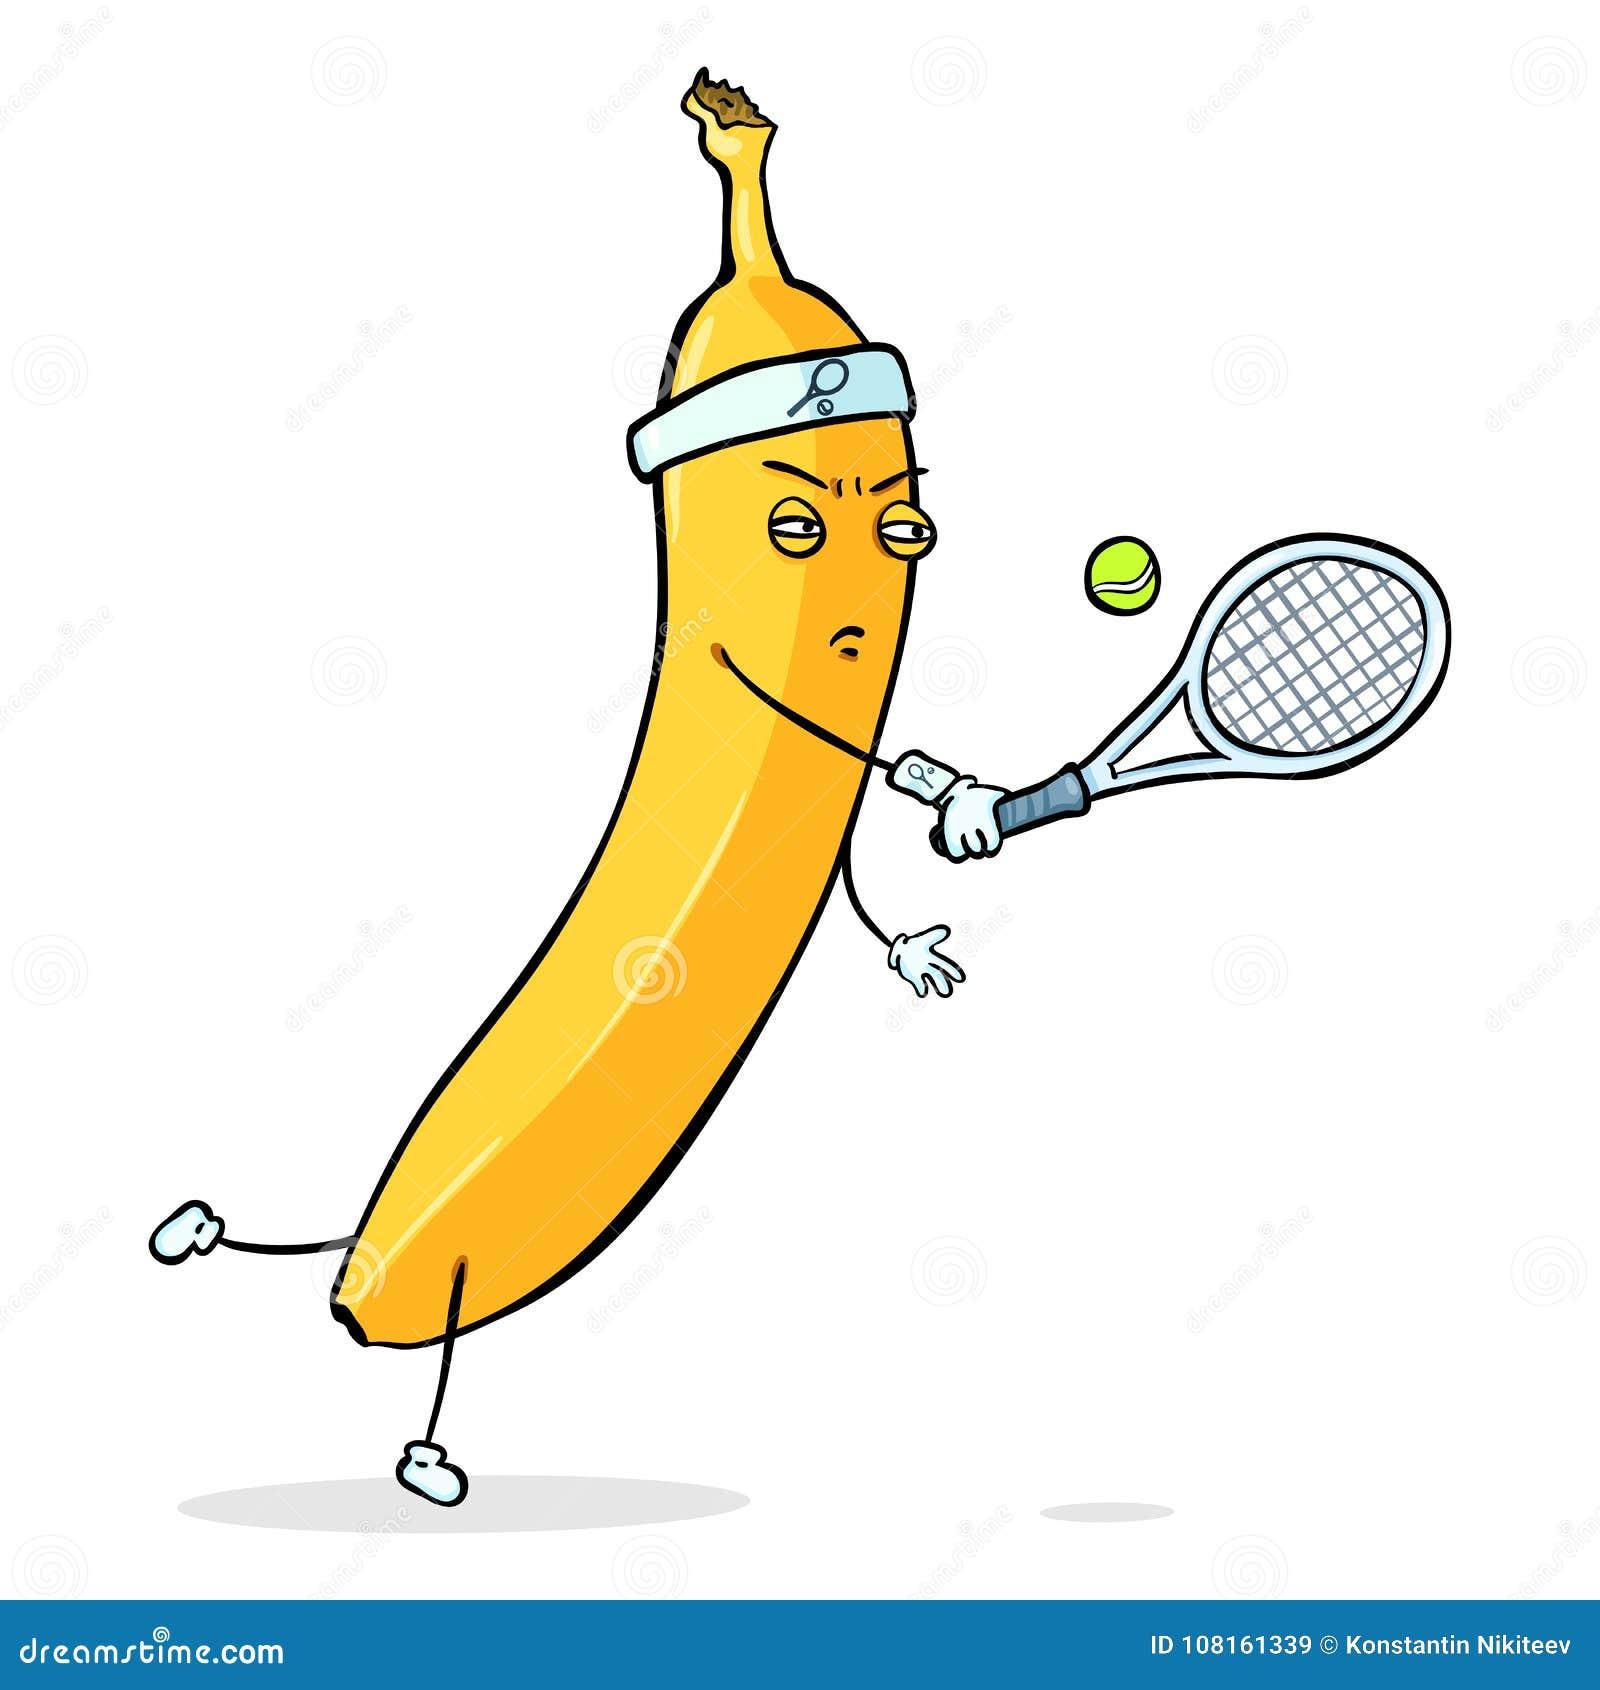 传染媒介漫画人物-打网球的黄色香蕉